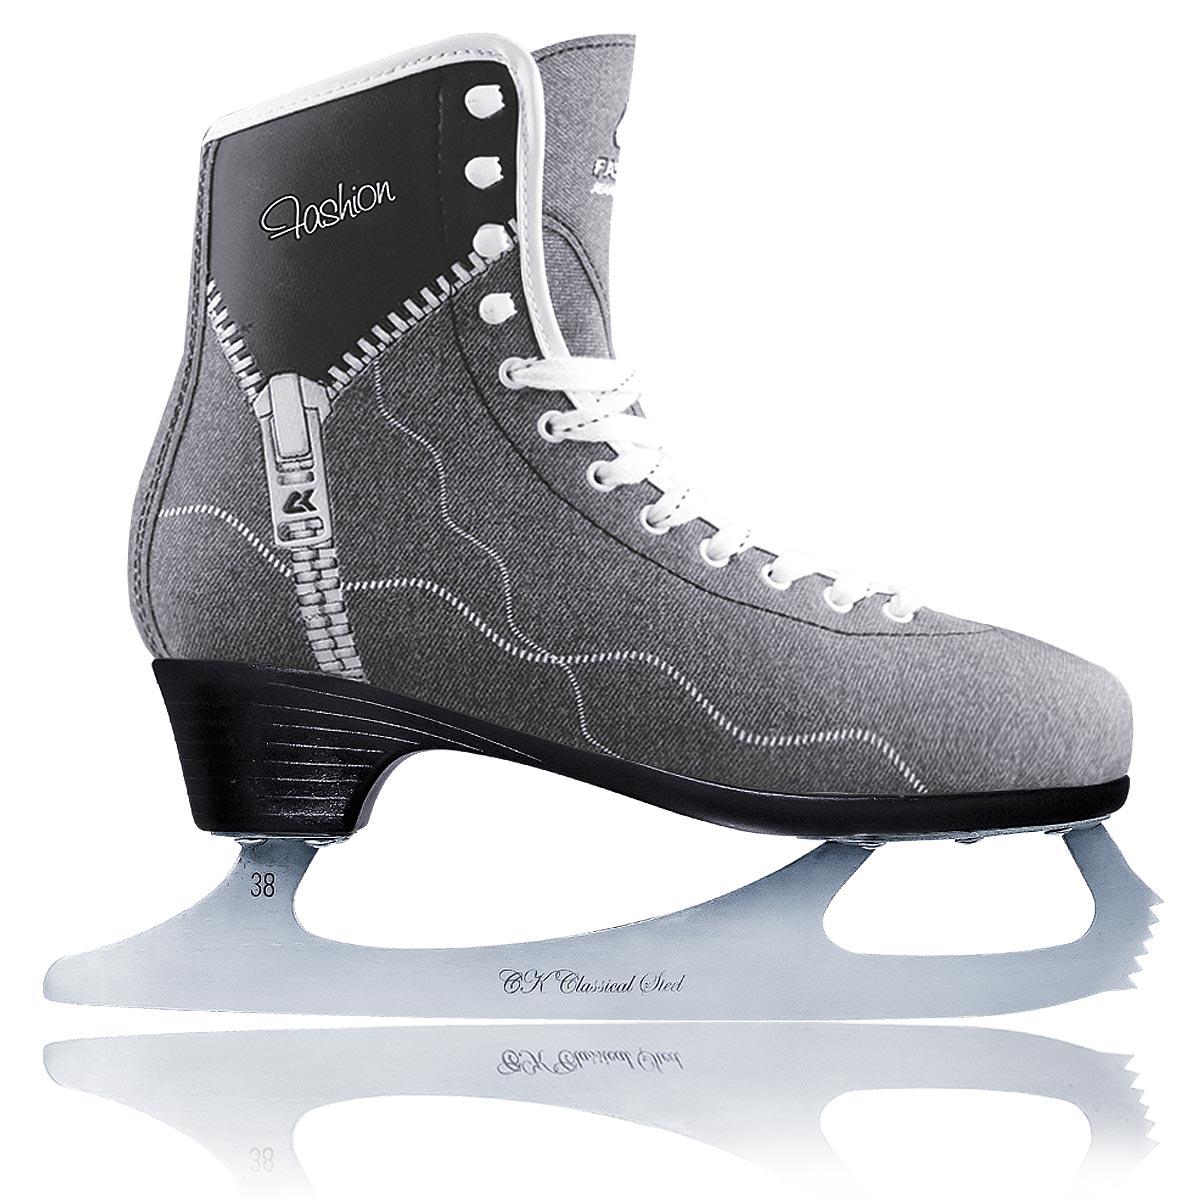 Коньки фигурные женские CK Fashion Lux Jeans, цвет: серый, черный. Размер 41FASHION LUX jeans_серый, черный_41Фигурные коньки от CK Fashion Lux Jeans идеально подойдут для любительского катания. Модель с высокой, плотной колодкой и усиленным задником, обеспечивающим боковую поддержку ноги, выполнена из синтетического материала на виниловой основе. Внутренняя поверхность отделана искусственным мехом. Анатомический язычок из войлока идеально облегает стопу и повышает комфорт. Стелька из упругого пенного полимерного материала EVA предназначена для быстрой адаптации ботинка к индивидуальным формам ноги и ее комфортного положения. Ботинок обеспечивает комфорт и устойчивость ноги, правильное распределение нагрузки, сильно снижает травмоопасность. Ботинок полностью обволакивает ногу, обеспечивает прочную и удобную фиксацию ноги, а также повышенную защиту от ударов. Модель фиксируется на ноге классической шнуровкой. Лезвие выполнено из нержавеющей стали, оно обладает высокой твердостью и долго держит заточку. Подошва Graceful обладает элегантным дизайном, повышенной твердостью и пониженным весом. Более высокий каблук делает ногу более изящной и стройной, а также повышает управляемость и маневренность конька.